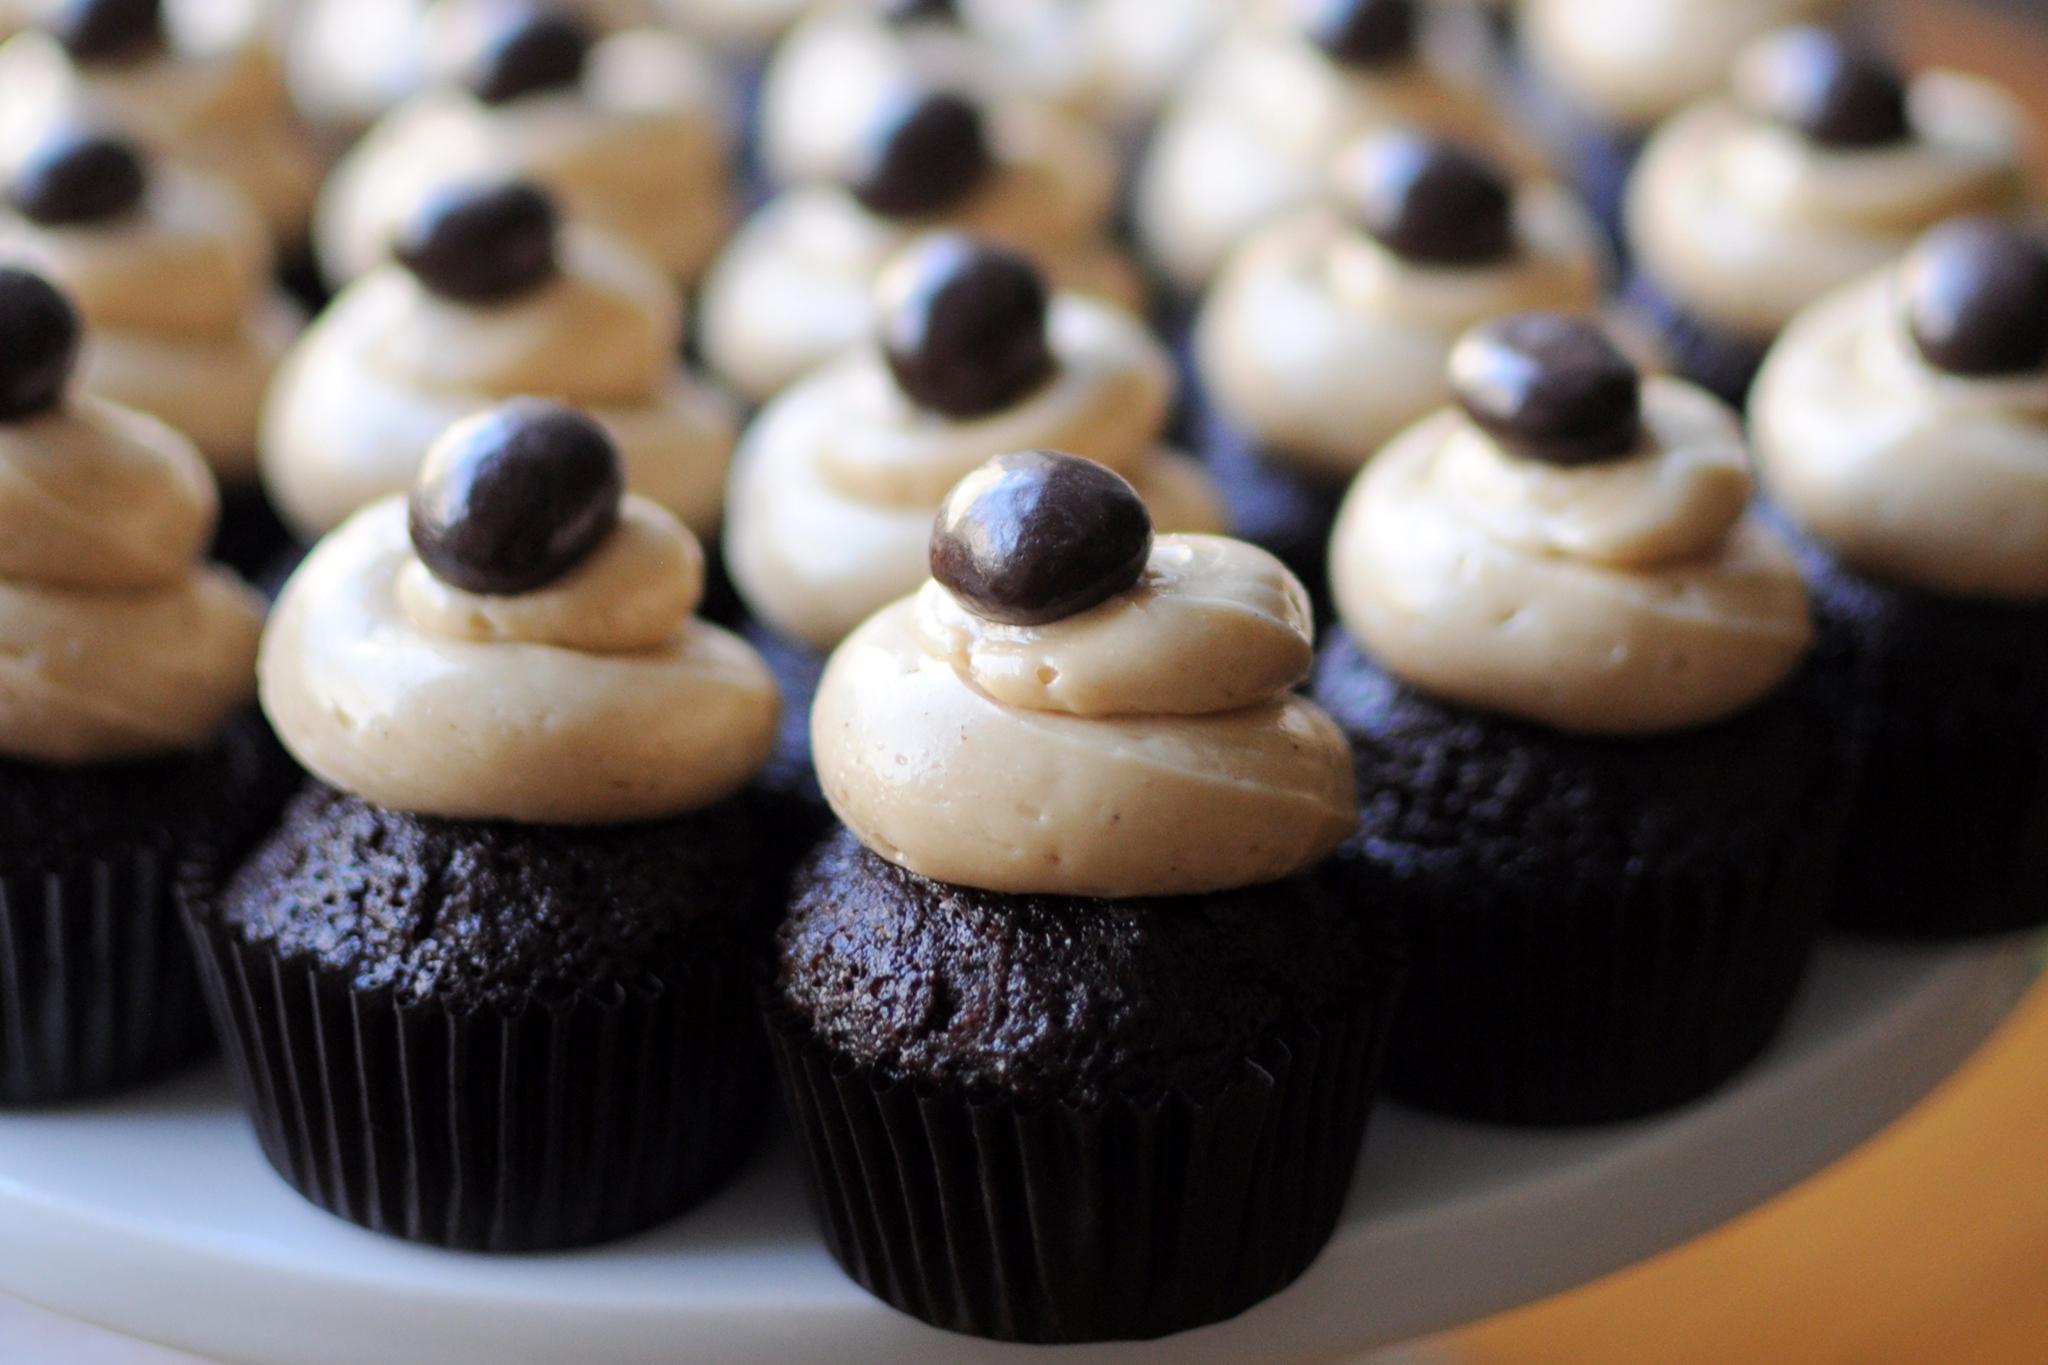 Hazel's  smoked Sumatra coffee cupcakes